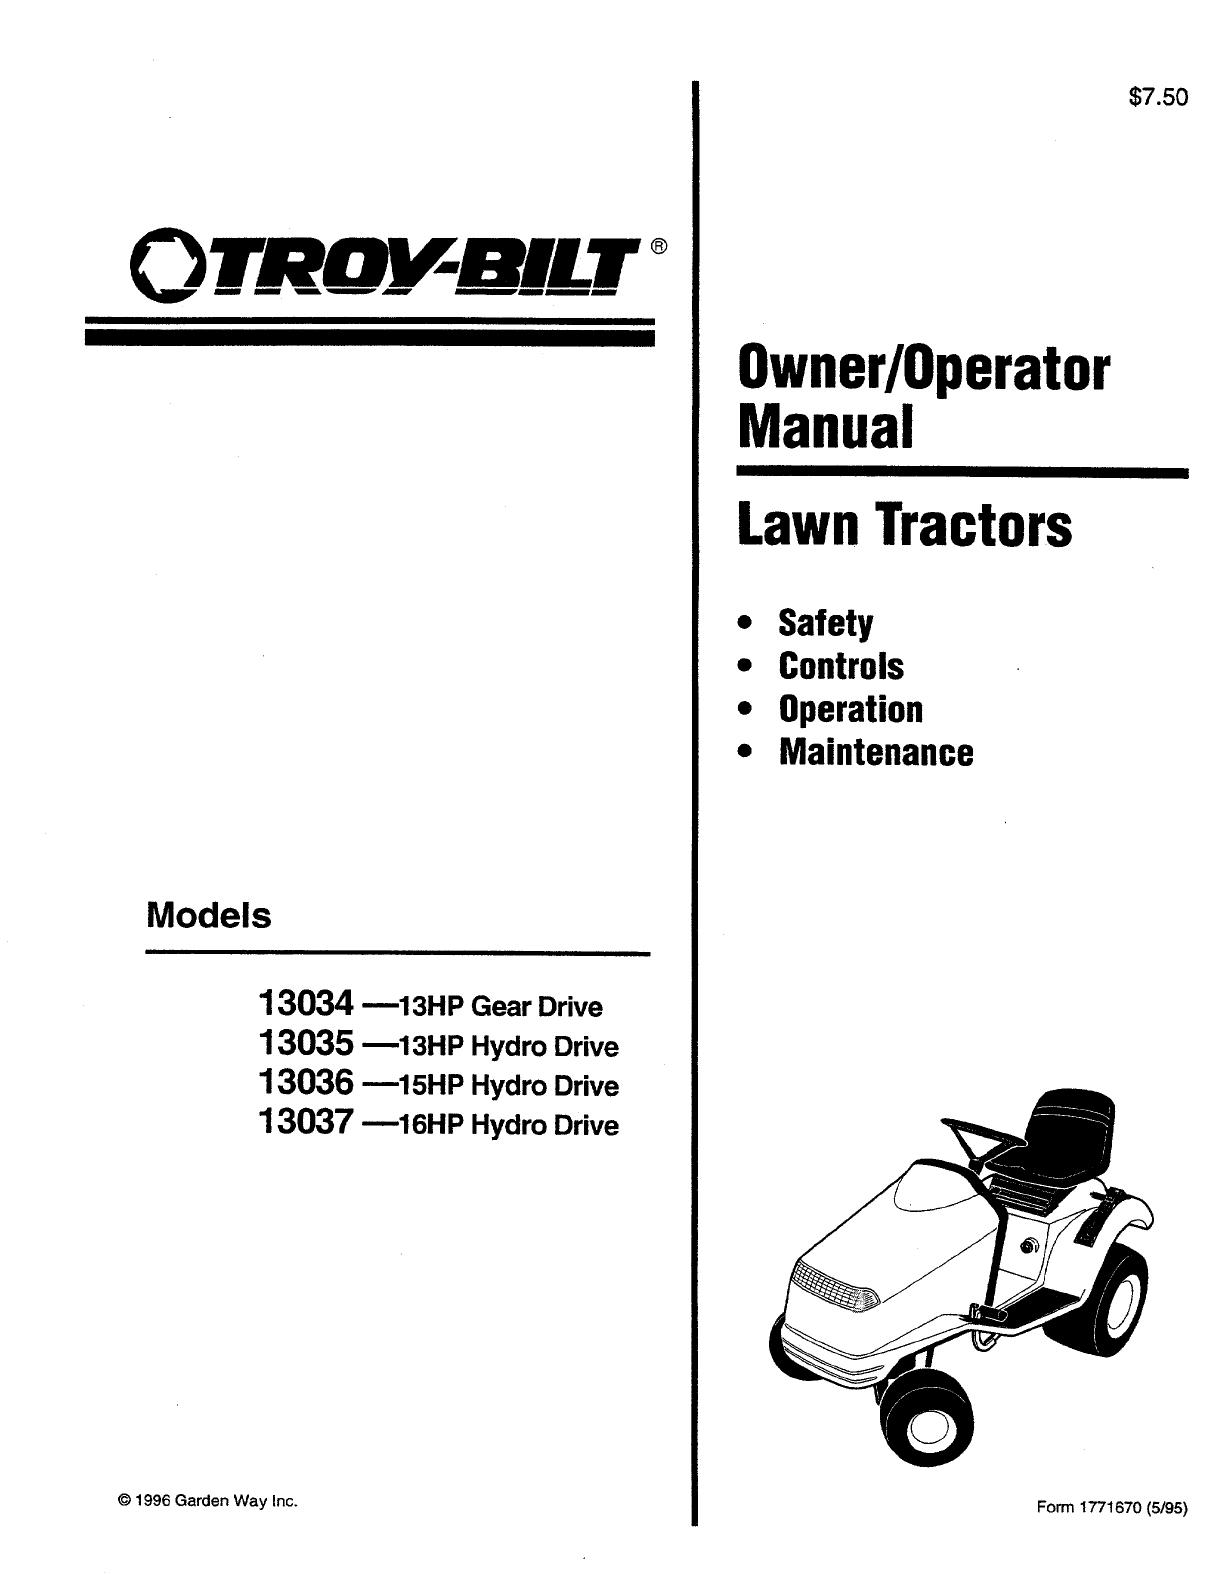 troy bilt lawn mower 13034 user guide manualsonline com rh lawnandgarden manualsonline com troy bilt owners manual tb90bc troy bilt owners manual 30r